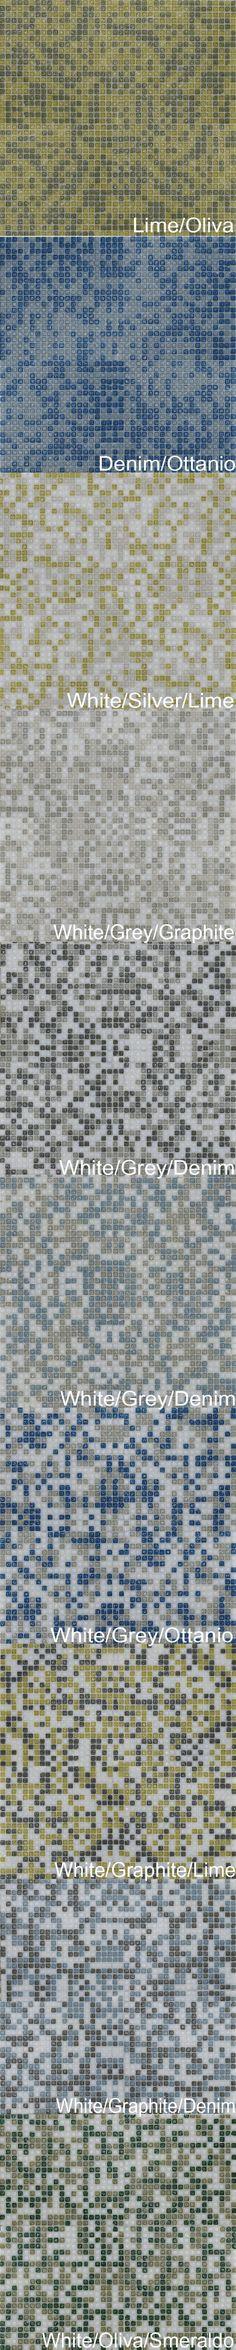 I FRAMMENTI VETRO MIX www.brixweb.com #brix #tile #tiles